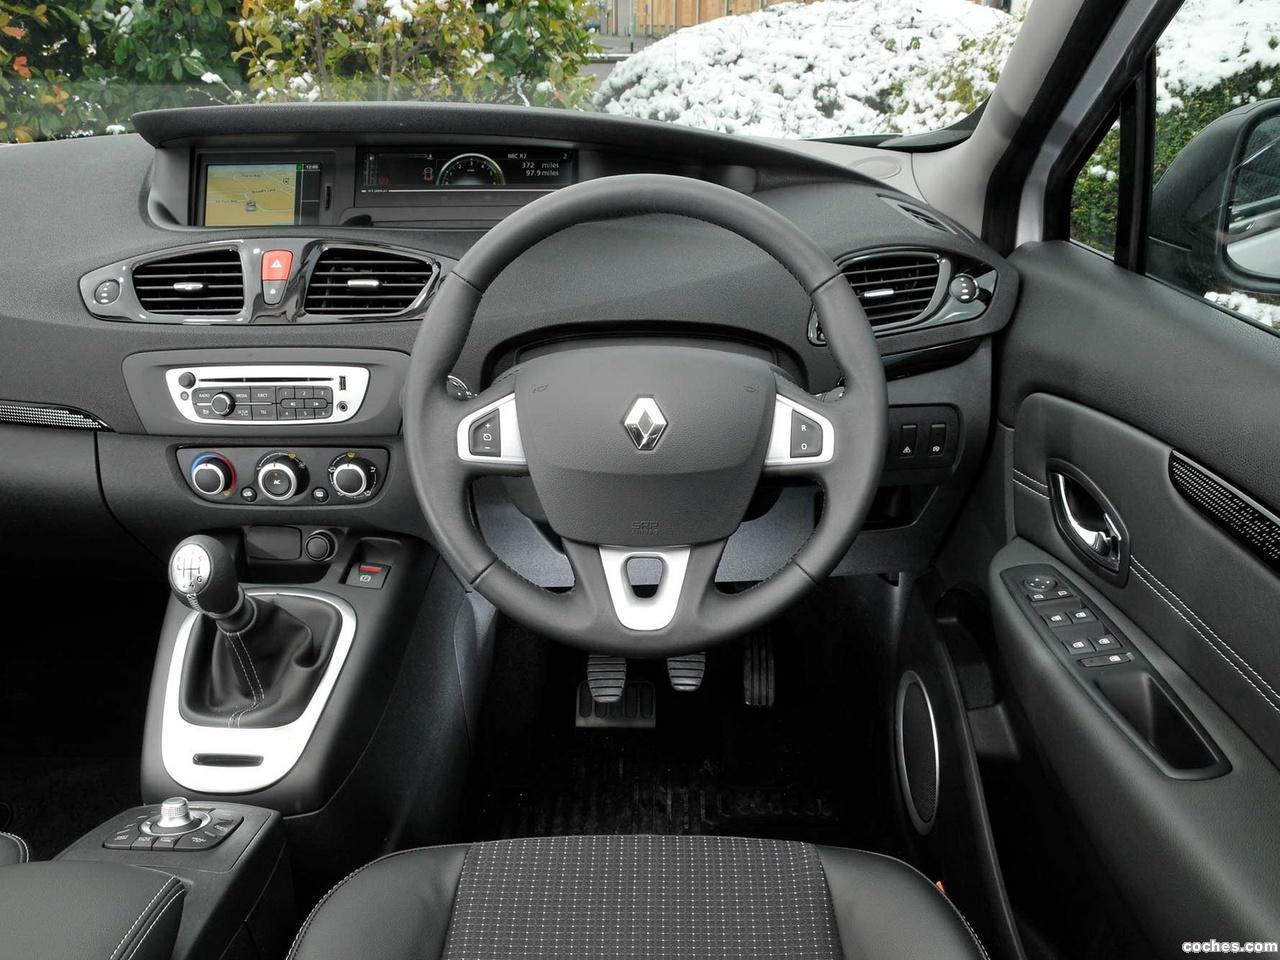 Foto 5 de Renault Scenic UK 2012